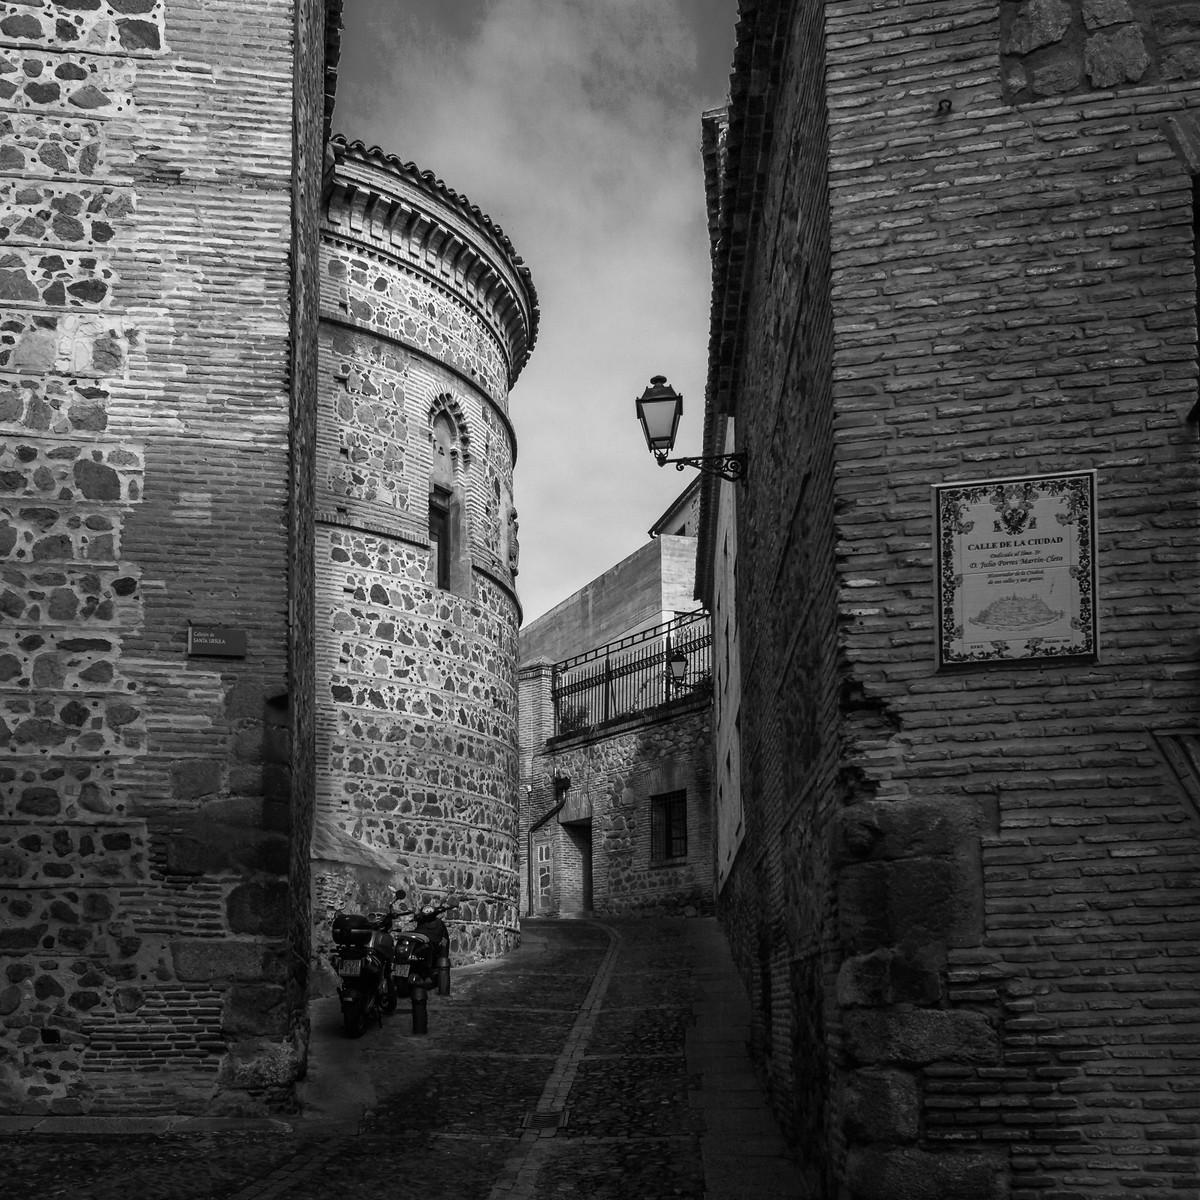 西班牙小镇,那些幽静的小石路_图1-7